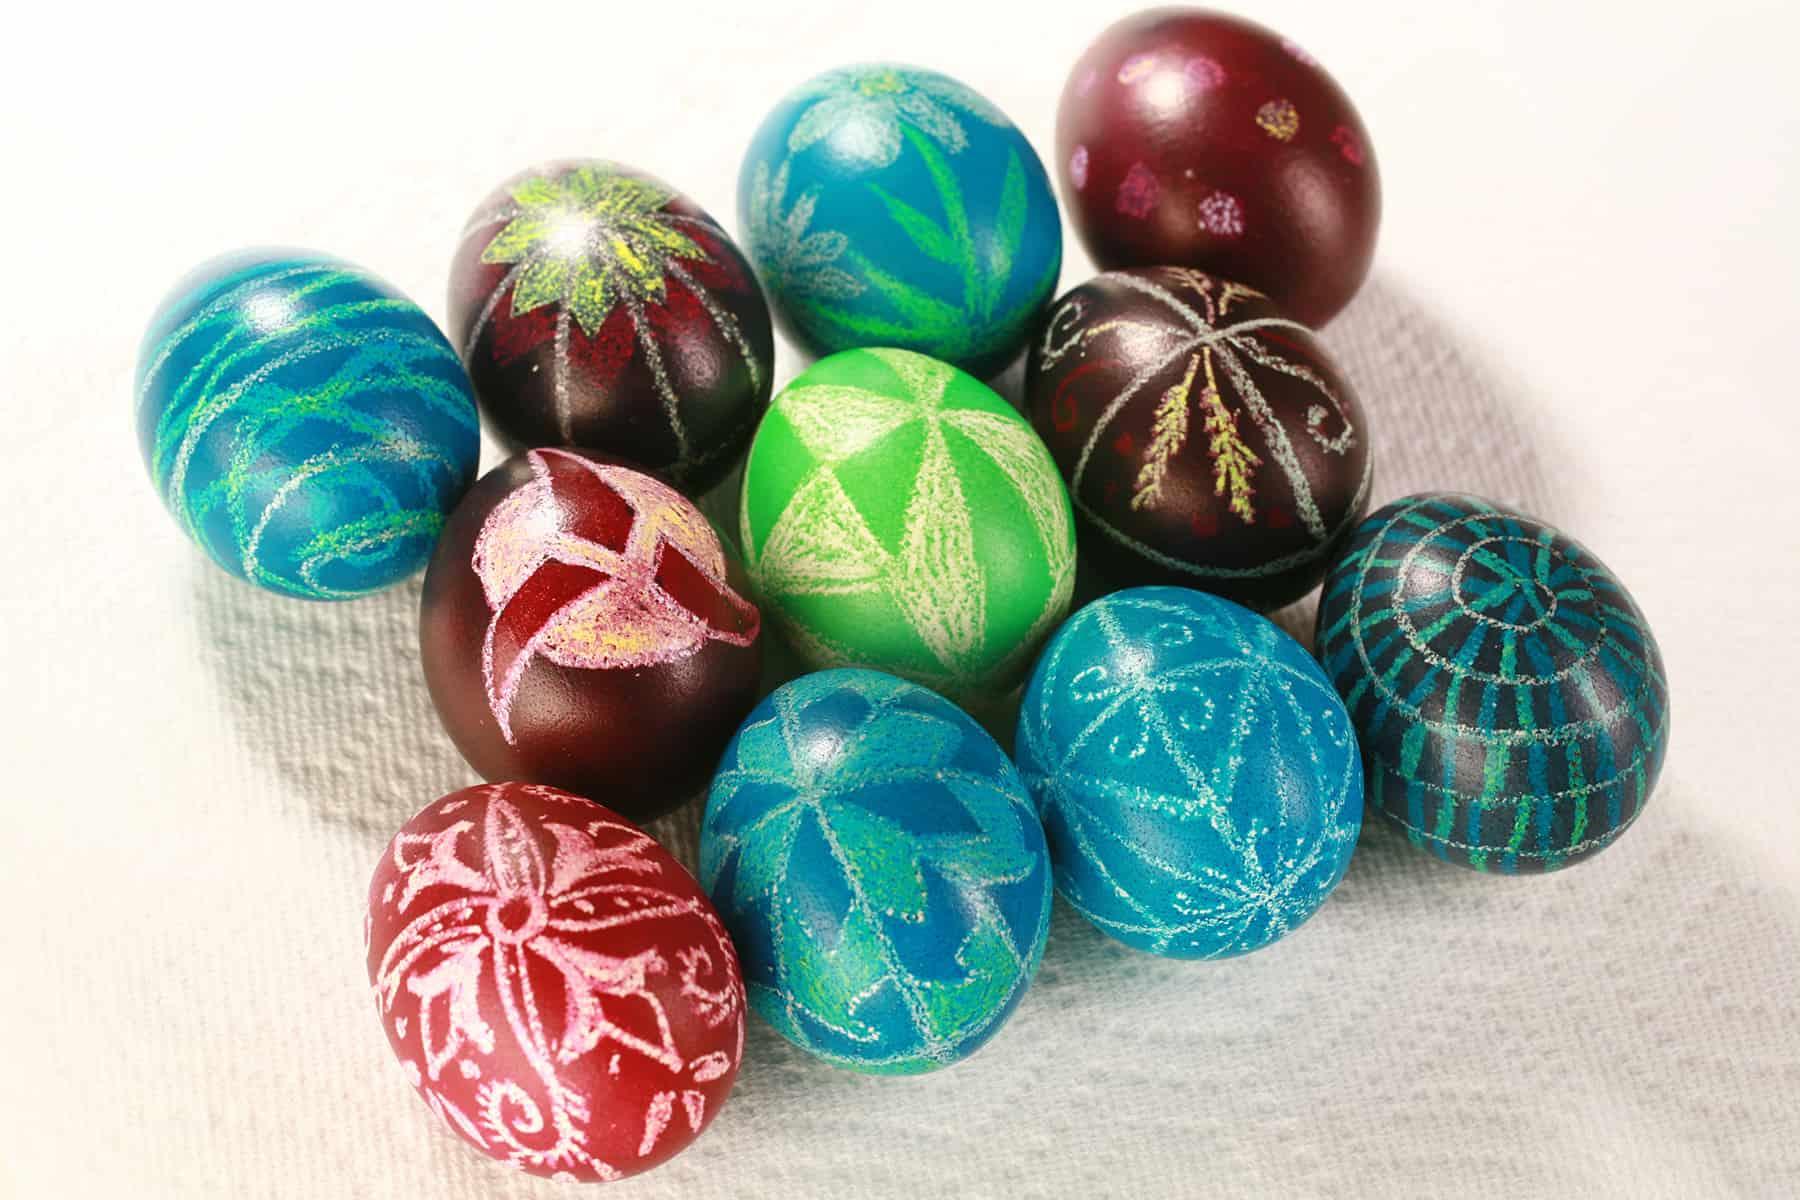 easy pyansky ukranian Easter egg